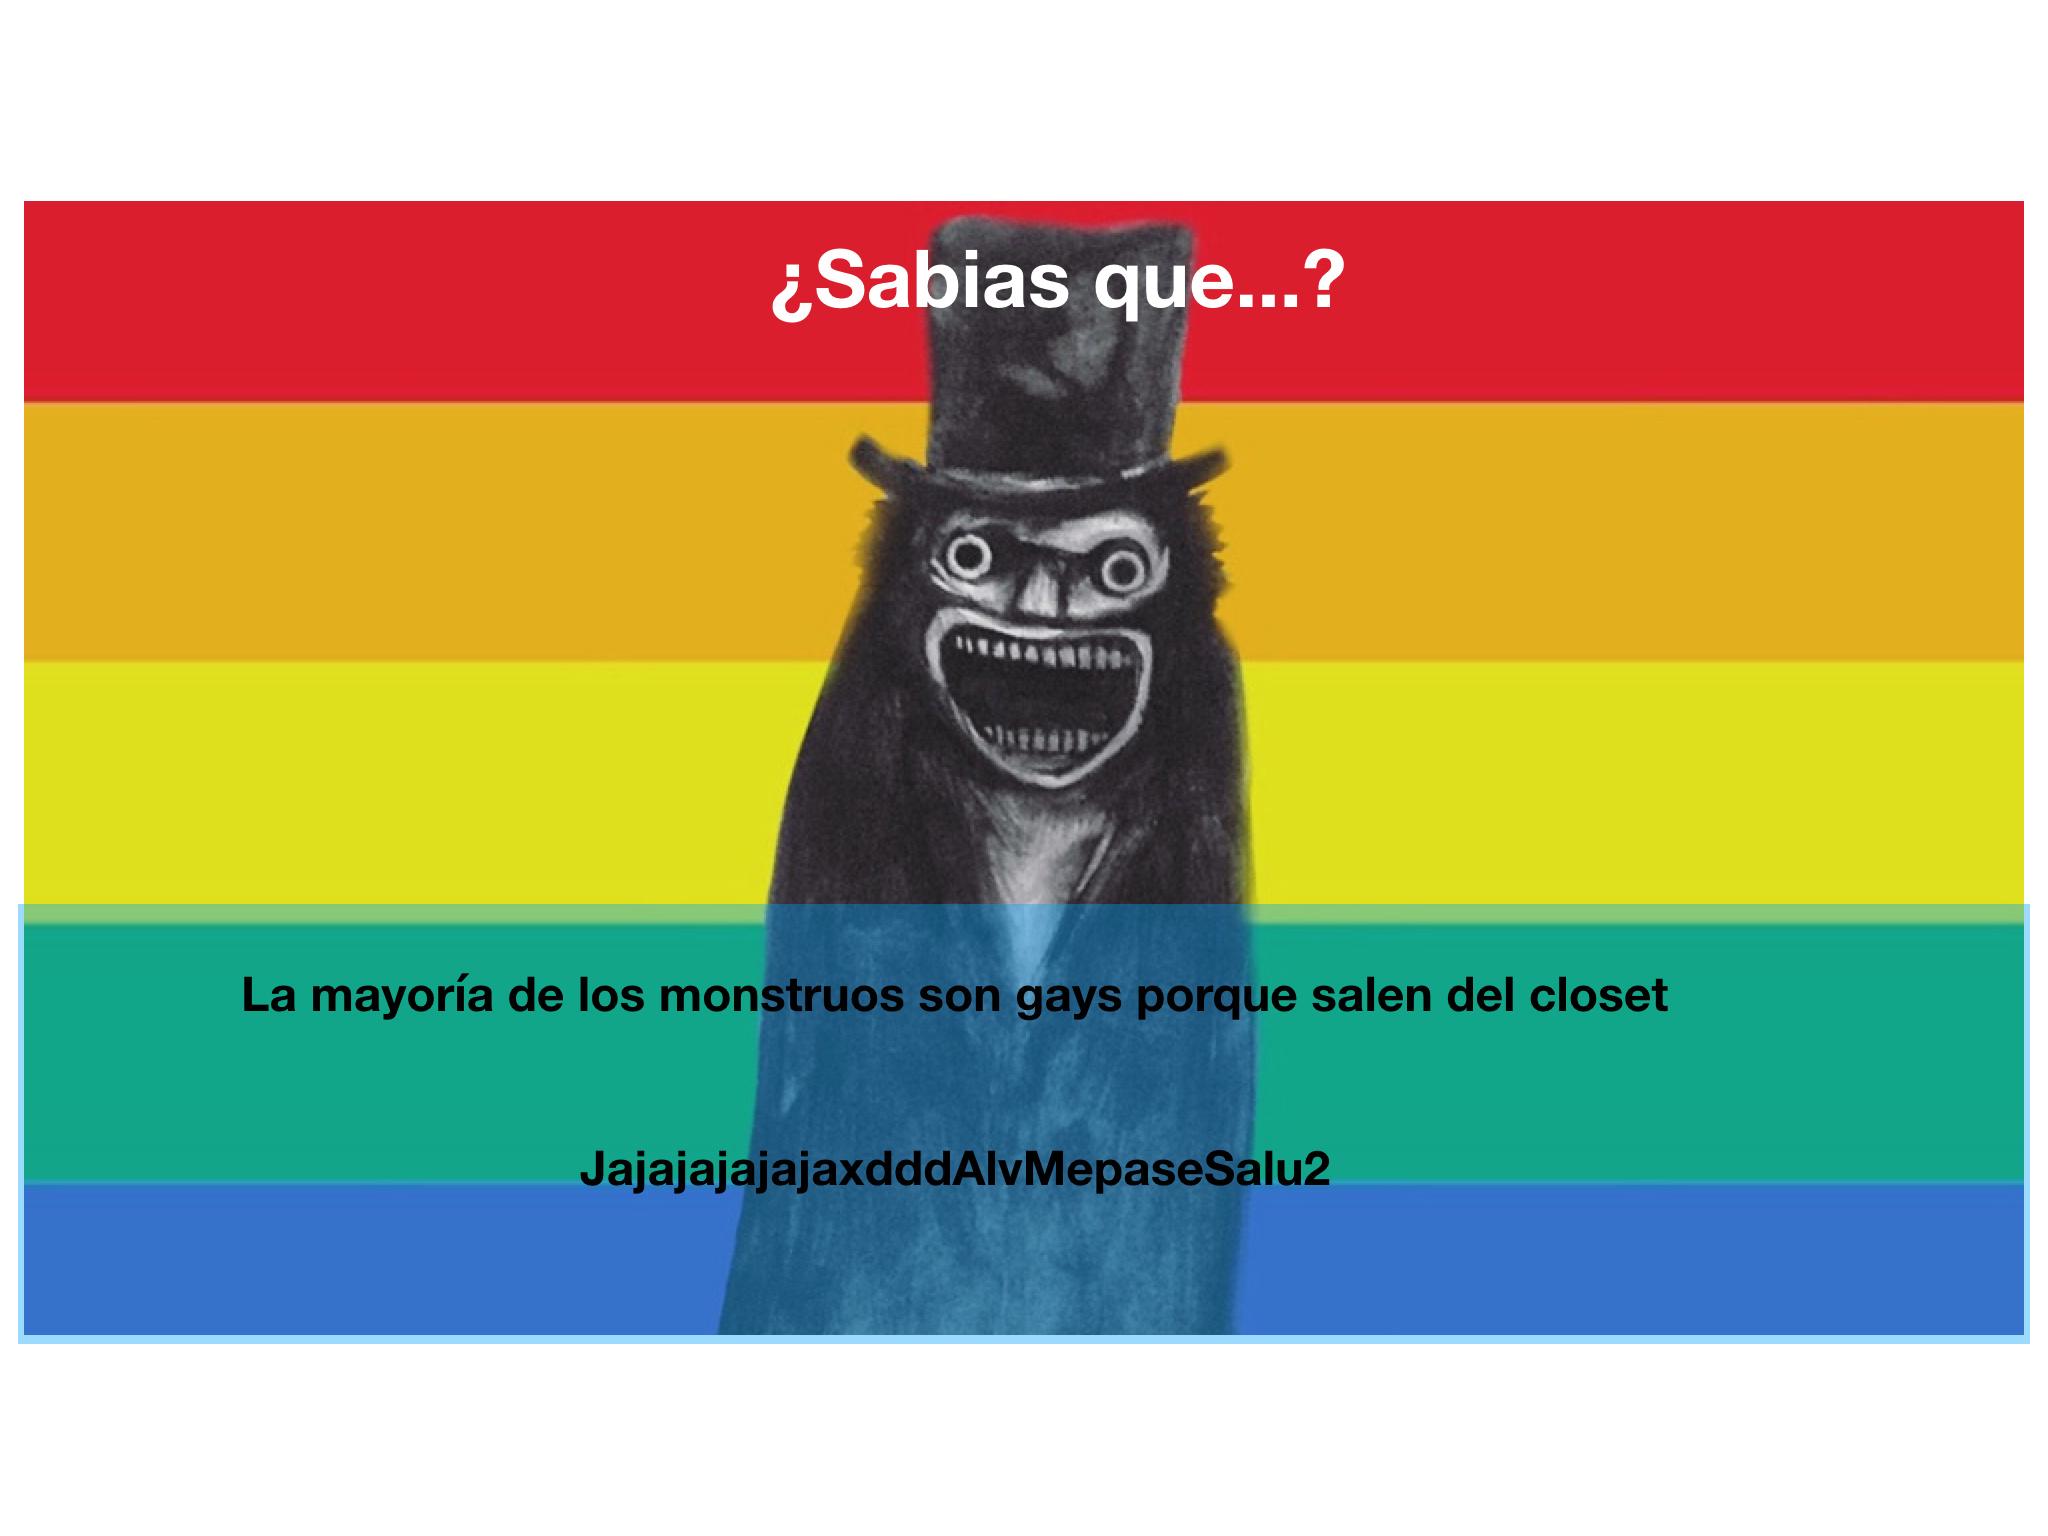 LOS MONSTRUOS SON gays - meme